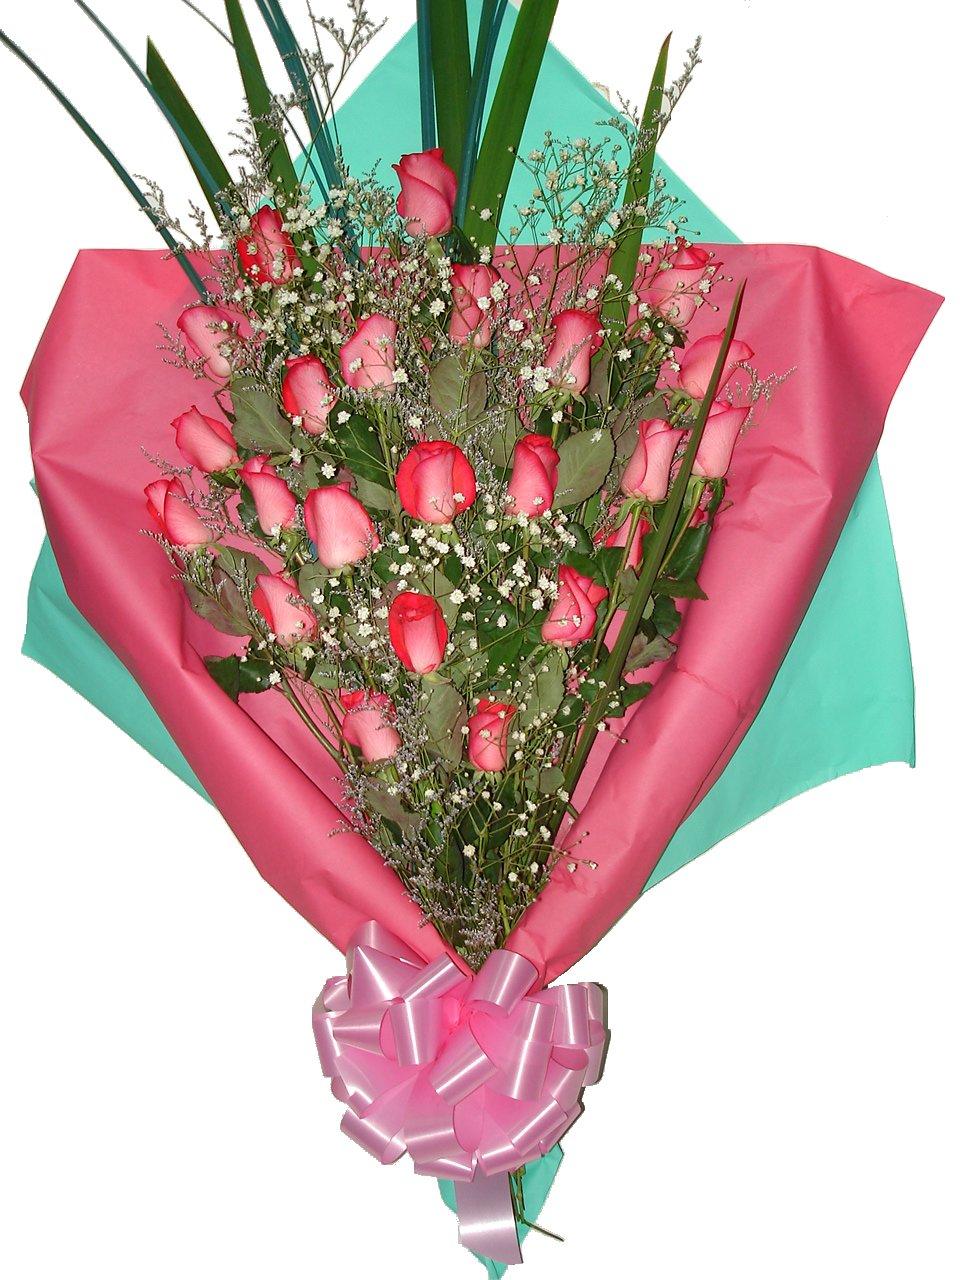 Imagenes De Un Ramo De Rosas - 024 un ramo de flores rojas YouTube